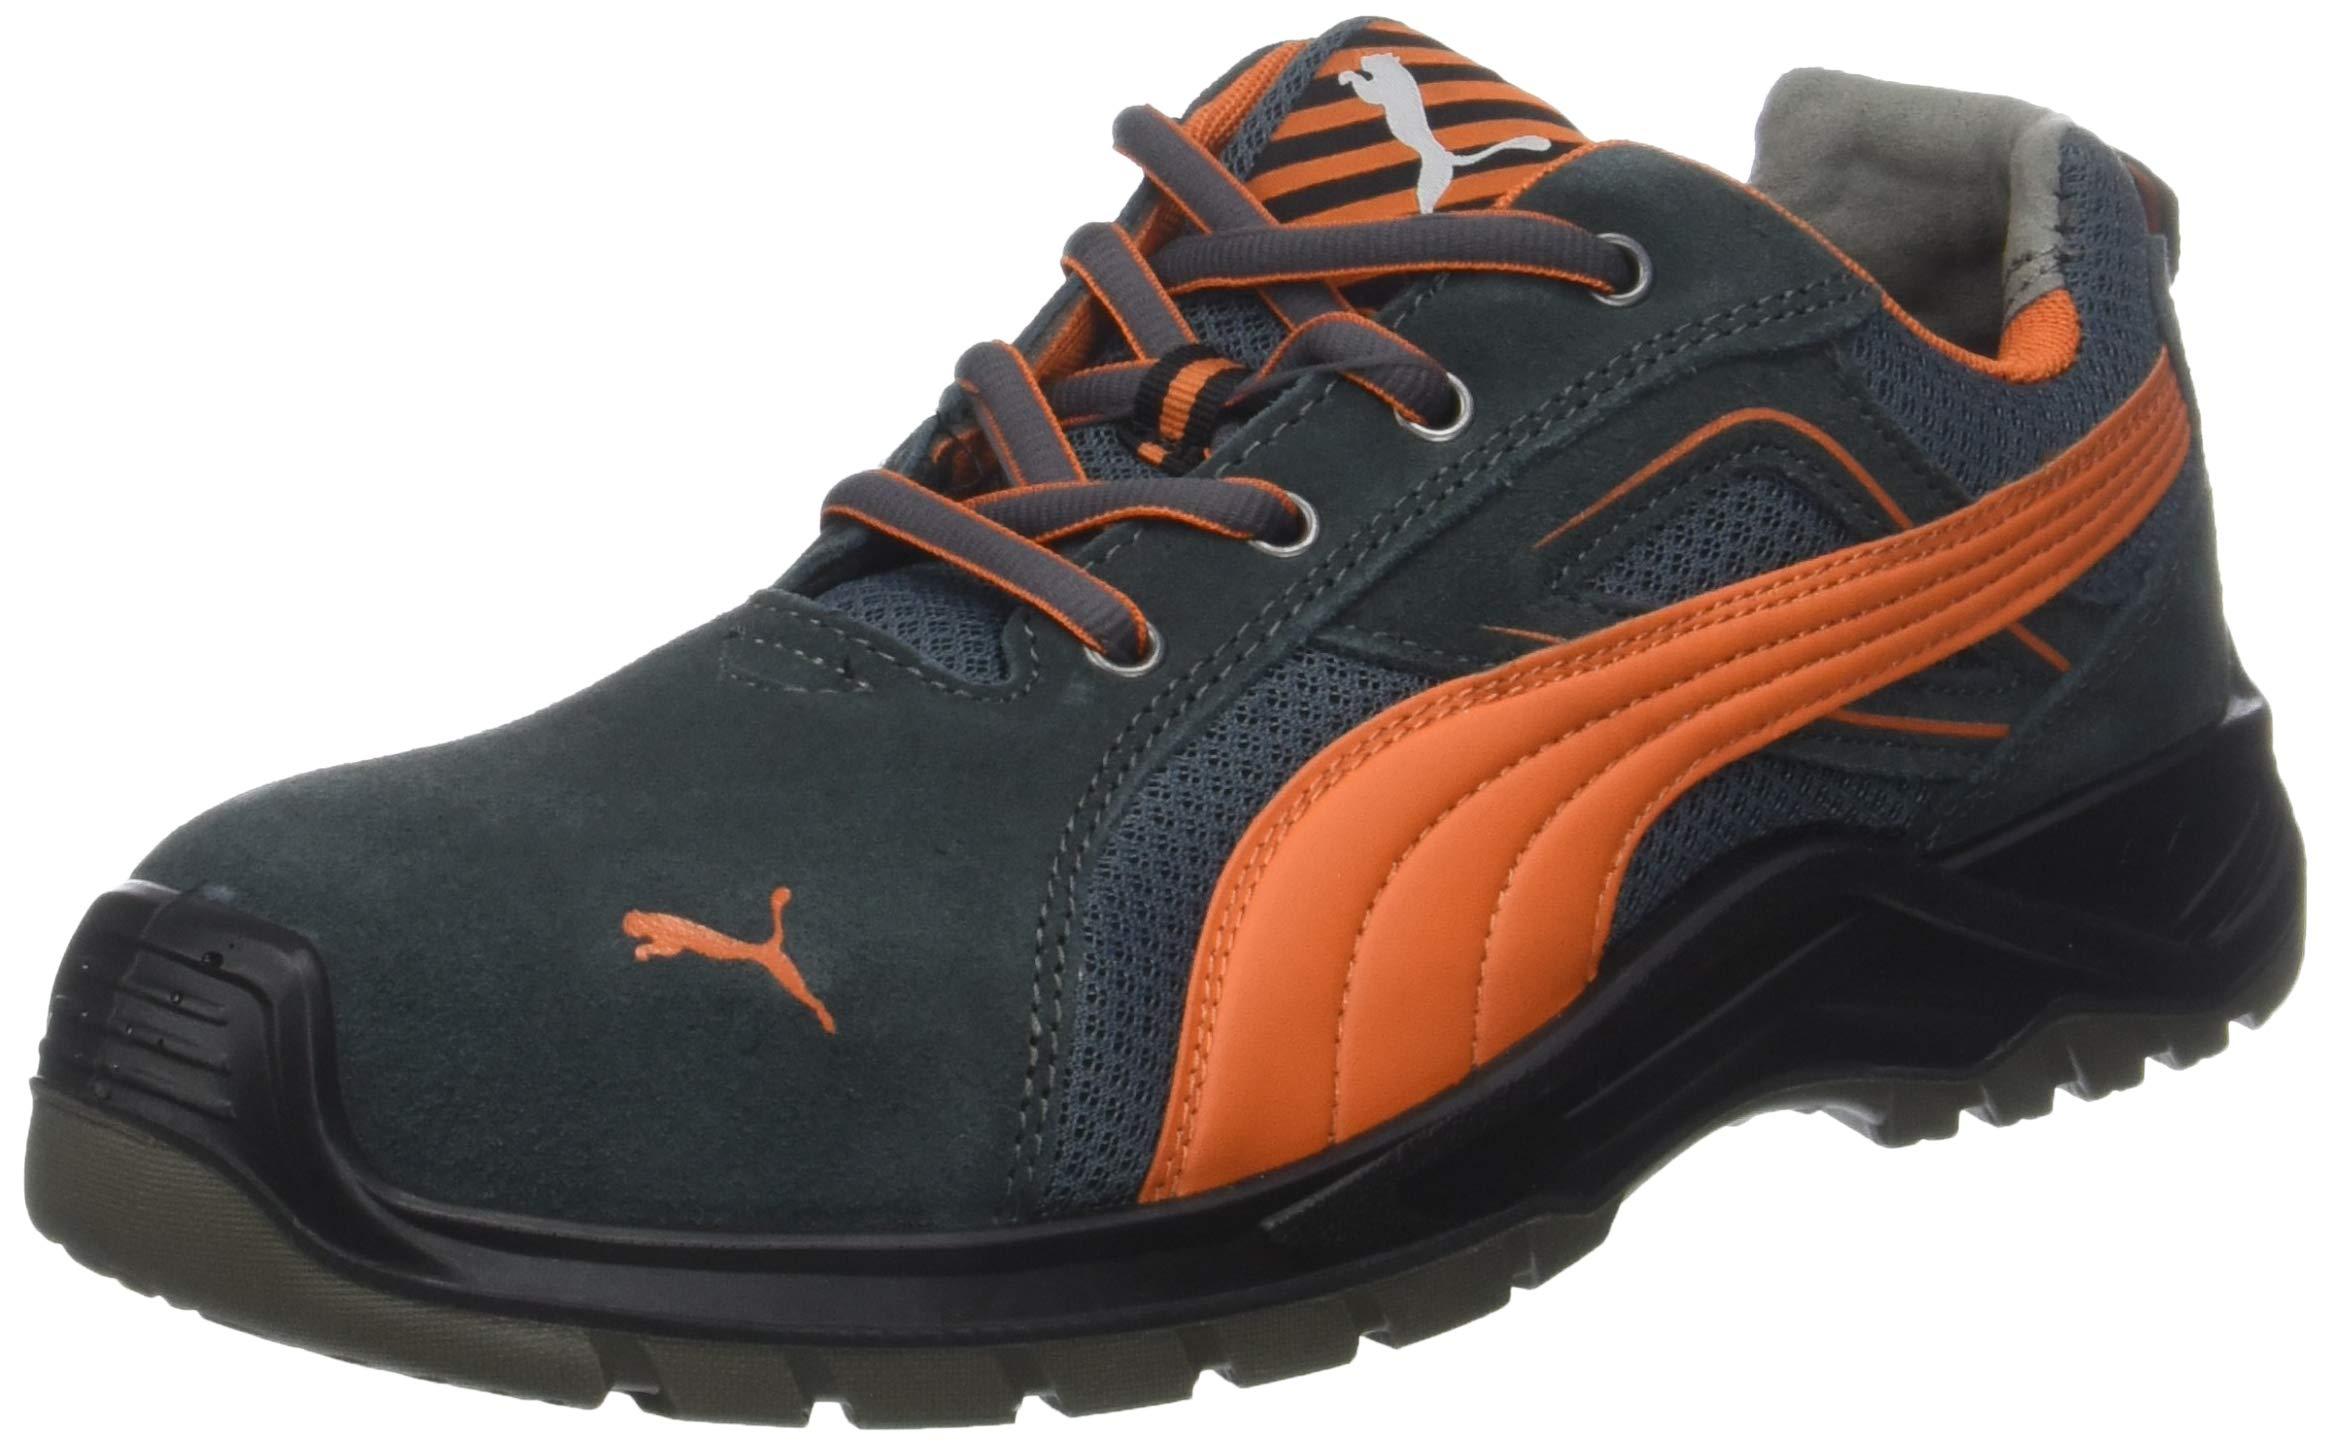 buy \u003e puma safety shoes near me, Up to